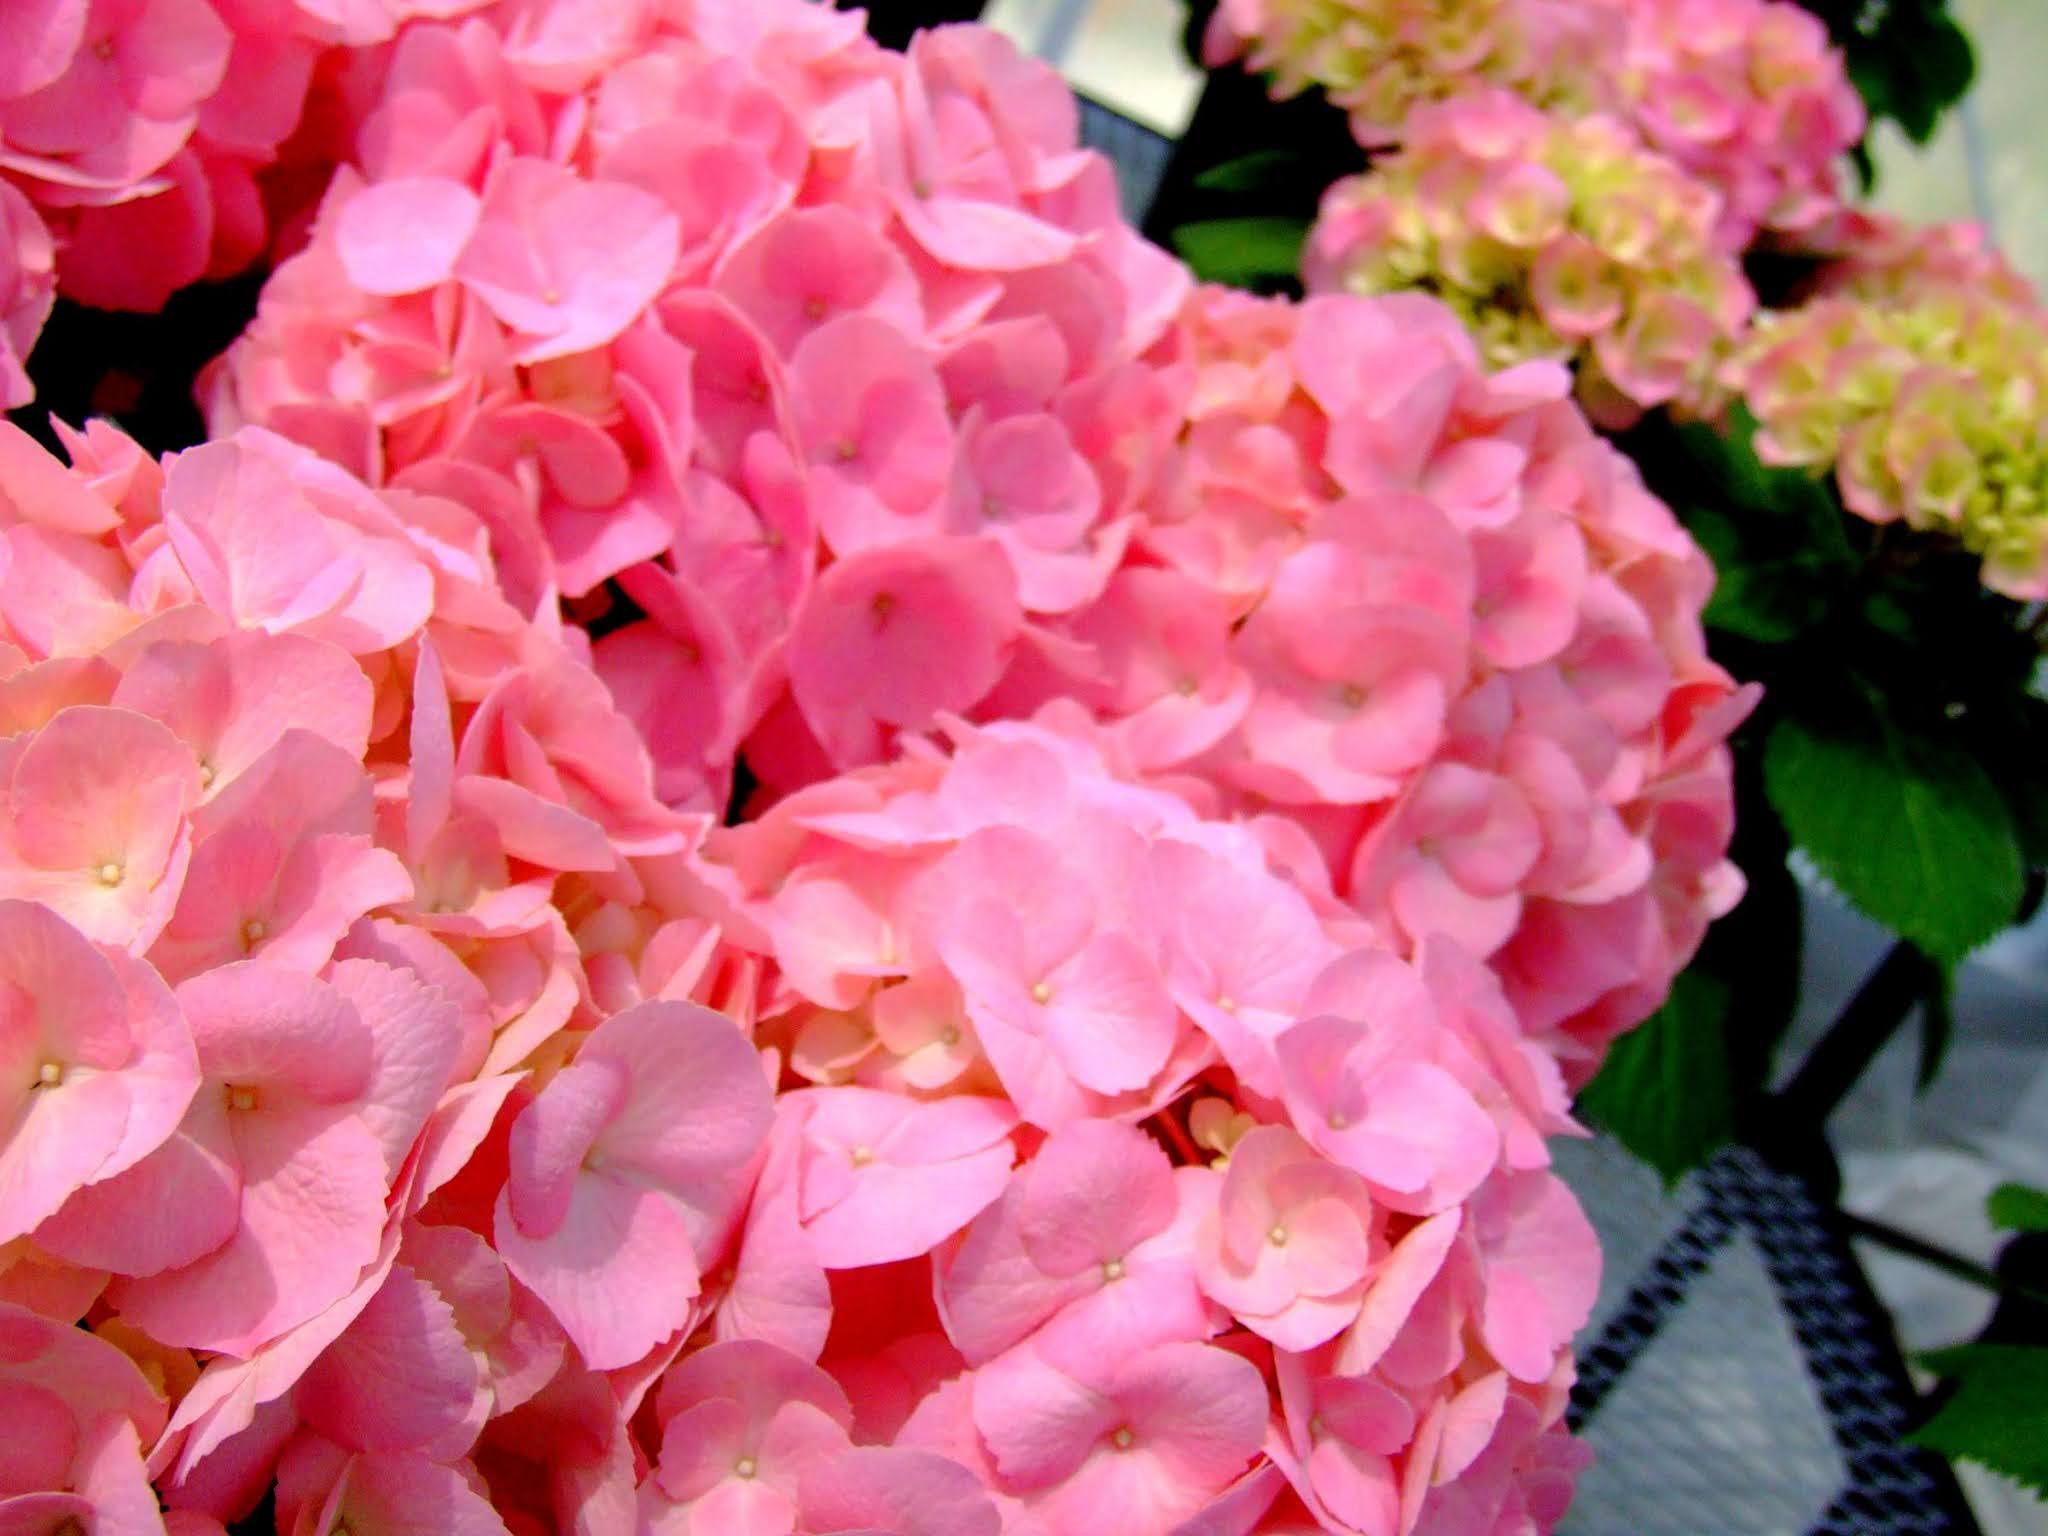 濃いピンクが可愛らしいアジサイのドアップの写真素材です。小さな花びらが集まっていて可愛いです。梅雨の時期のブログ記事などにどうぞ。